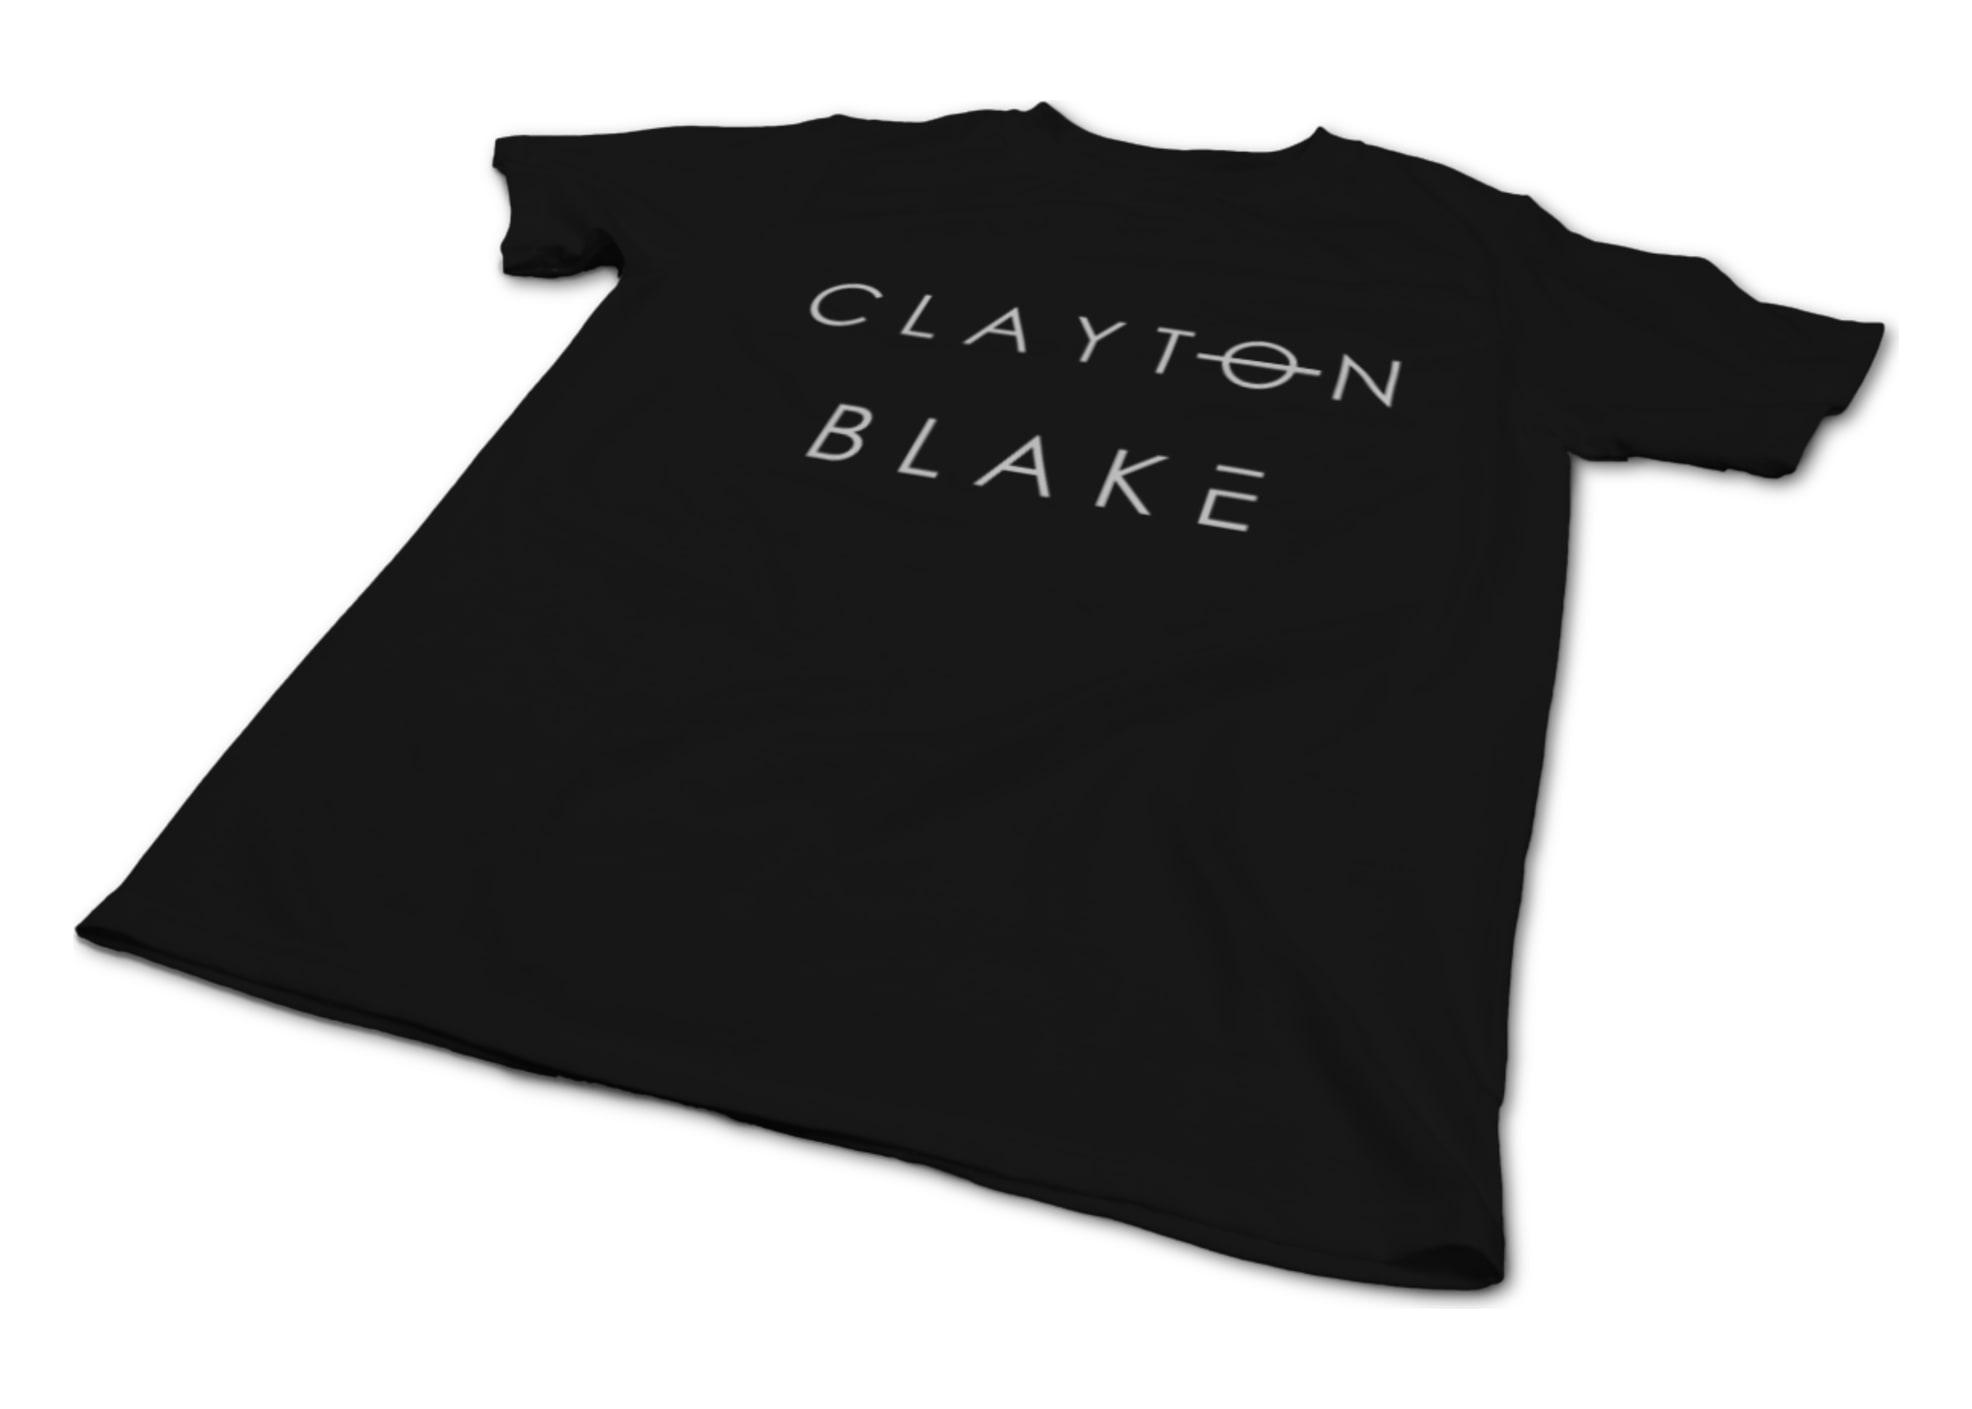 Clayton blake clayton blake defiant logo name 2 1609991762